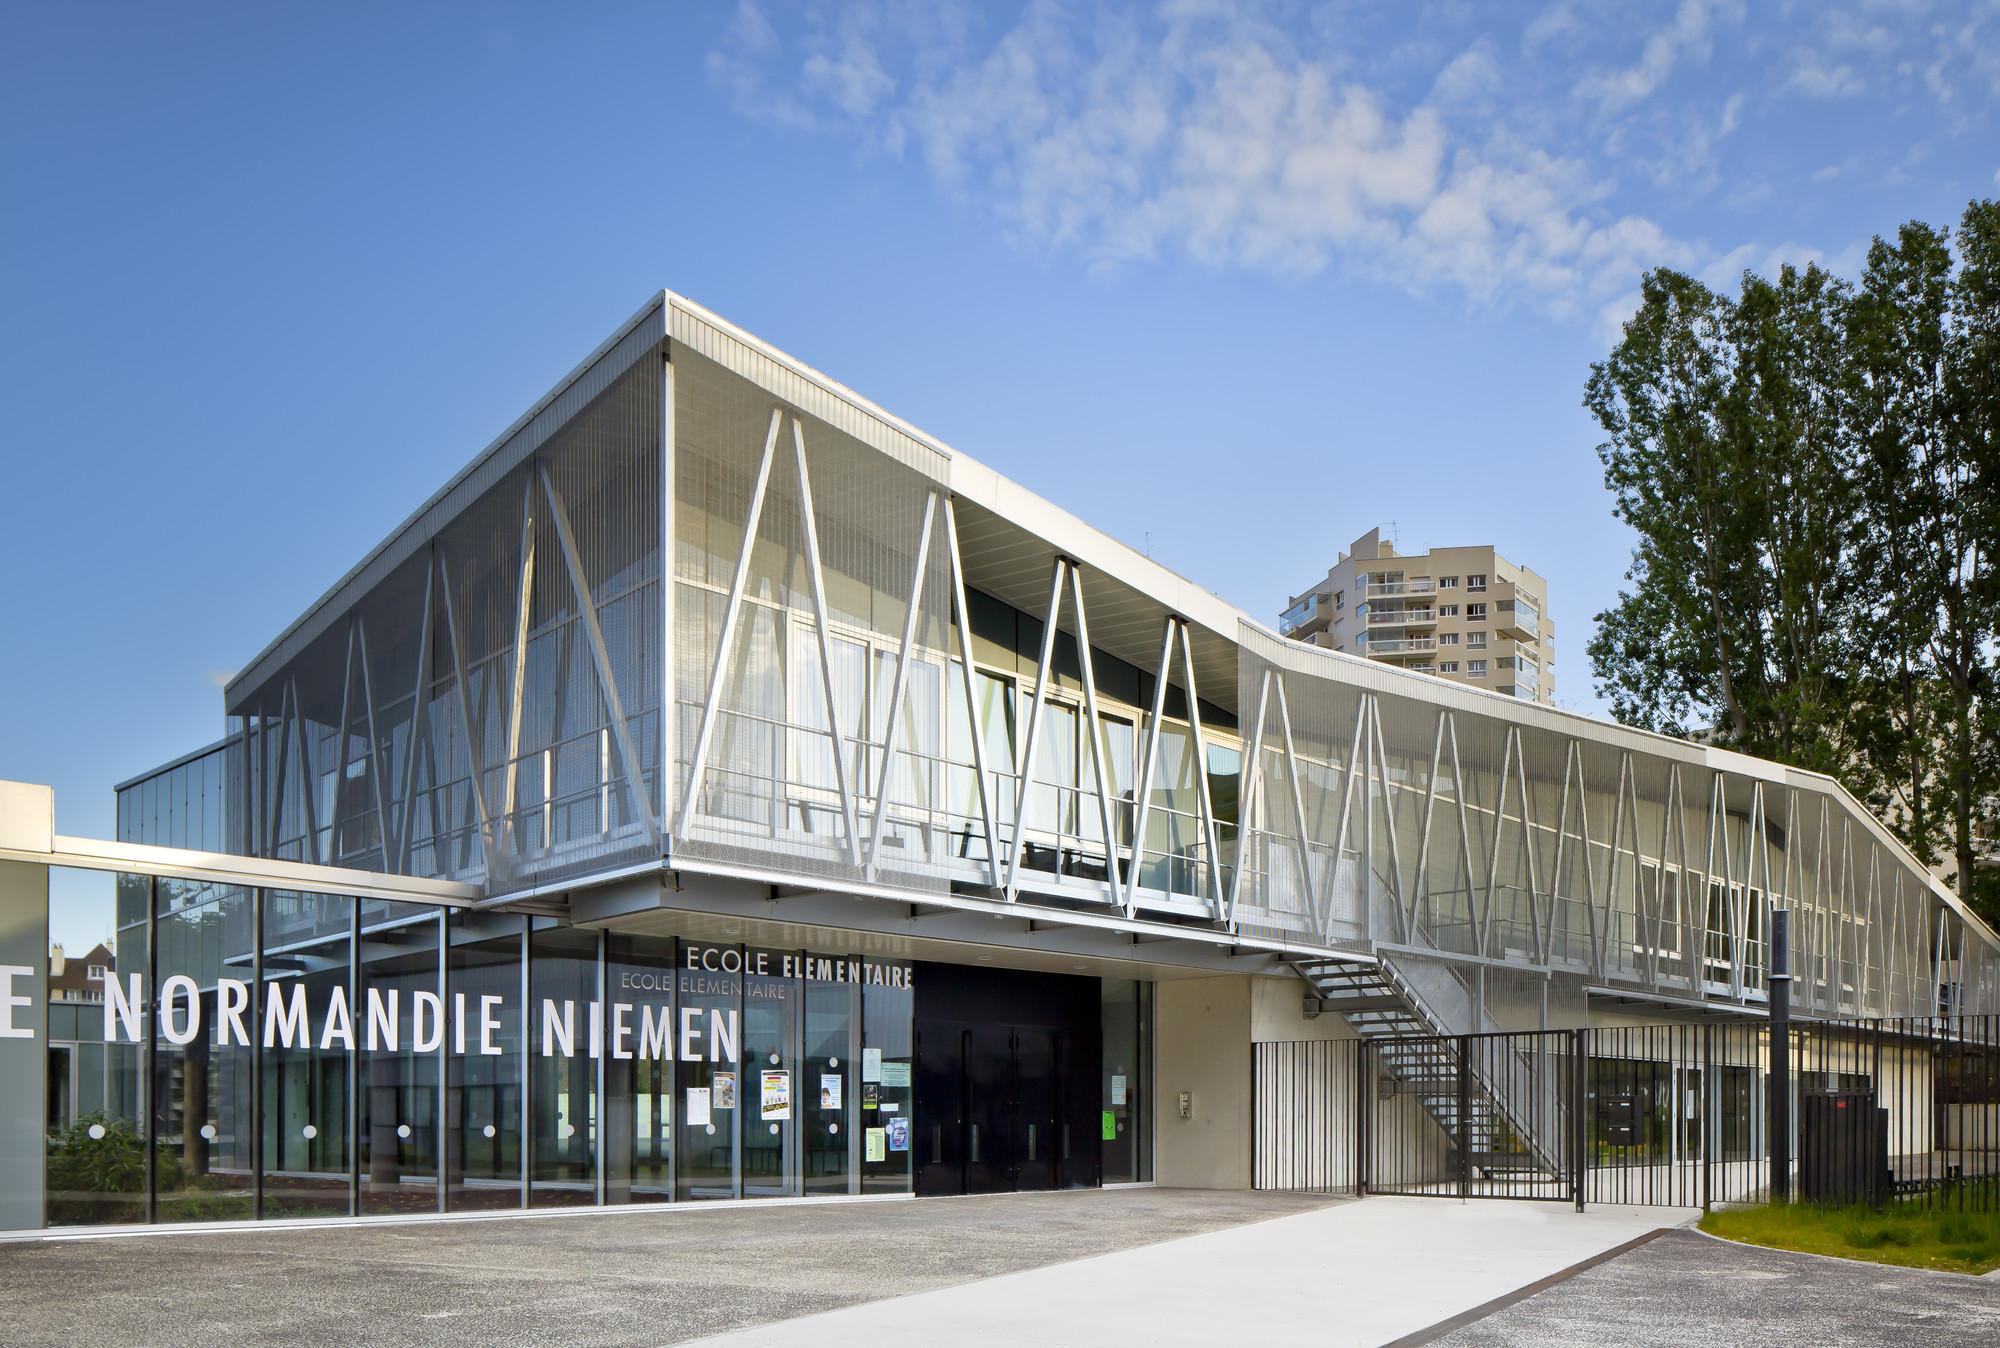 Groupe Scolaire Normandie-Niemen / Gaetan Le Penhuel Architectes, © Sergio Grazia